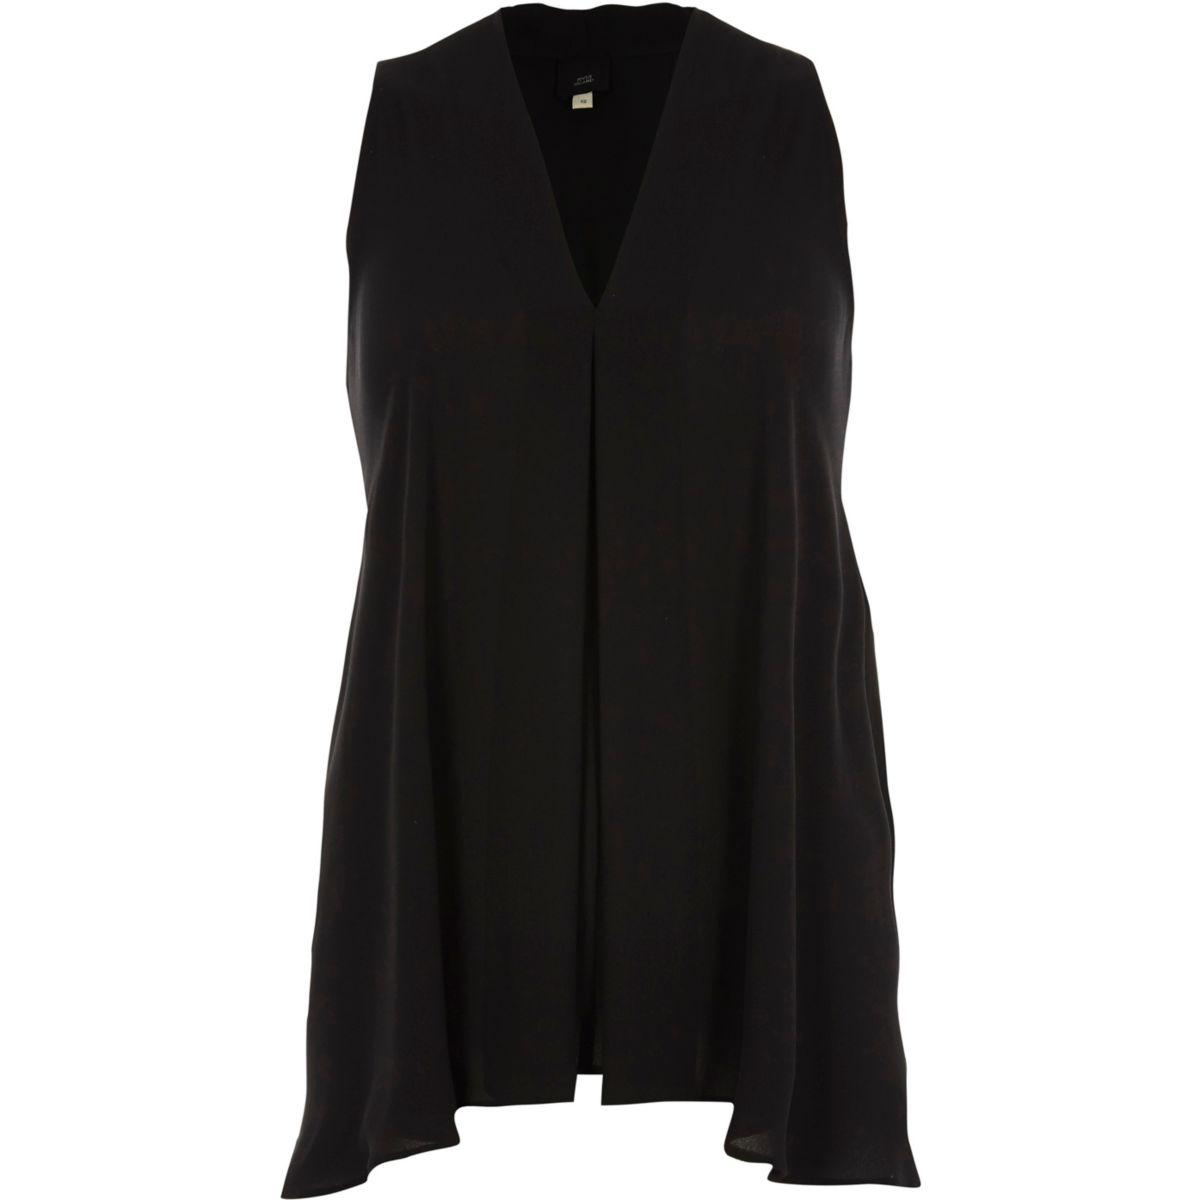 Schwarze, ärmellose Bluse mit V-Ausschnitt